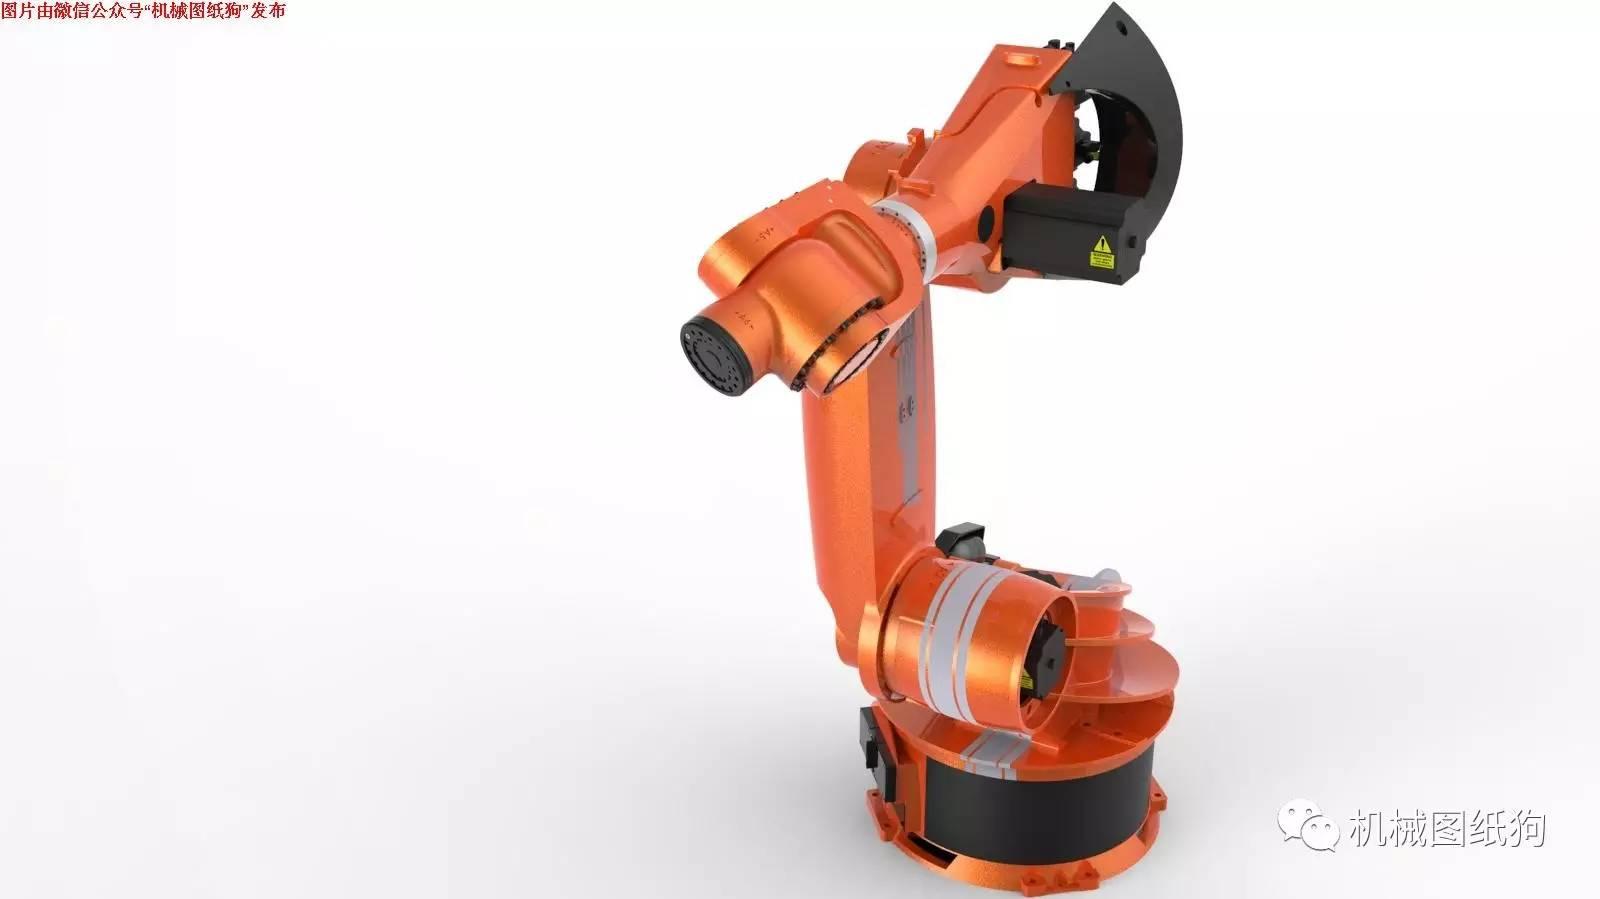 【机器人】6自由度vika-350工业机器人外形(无内部结构)3d图纸